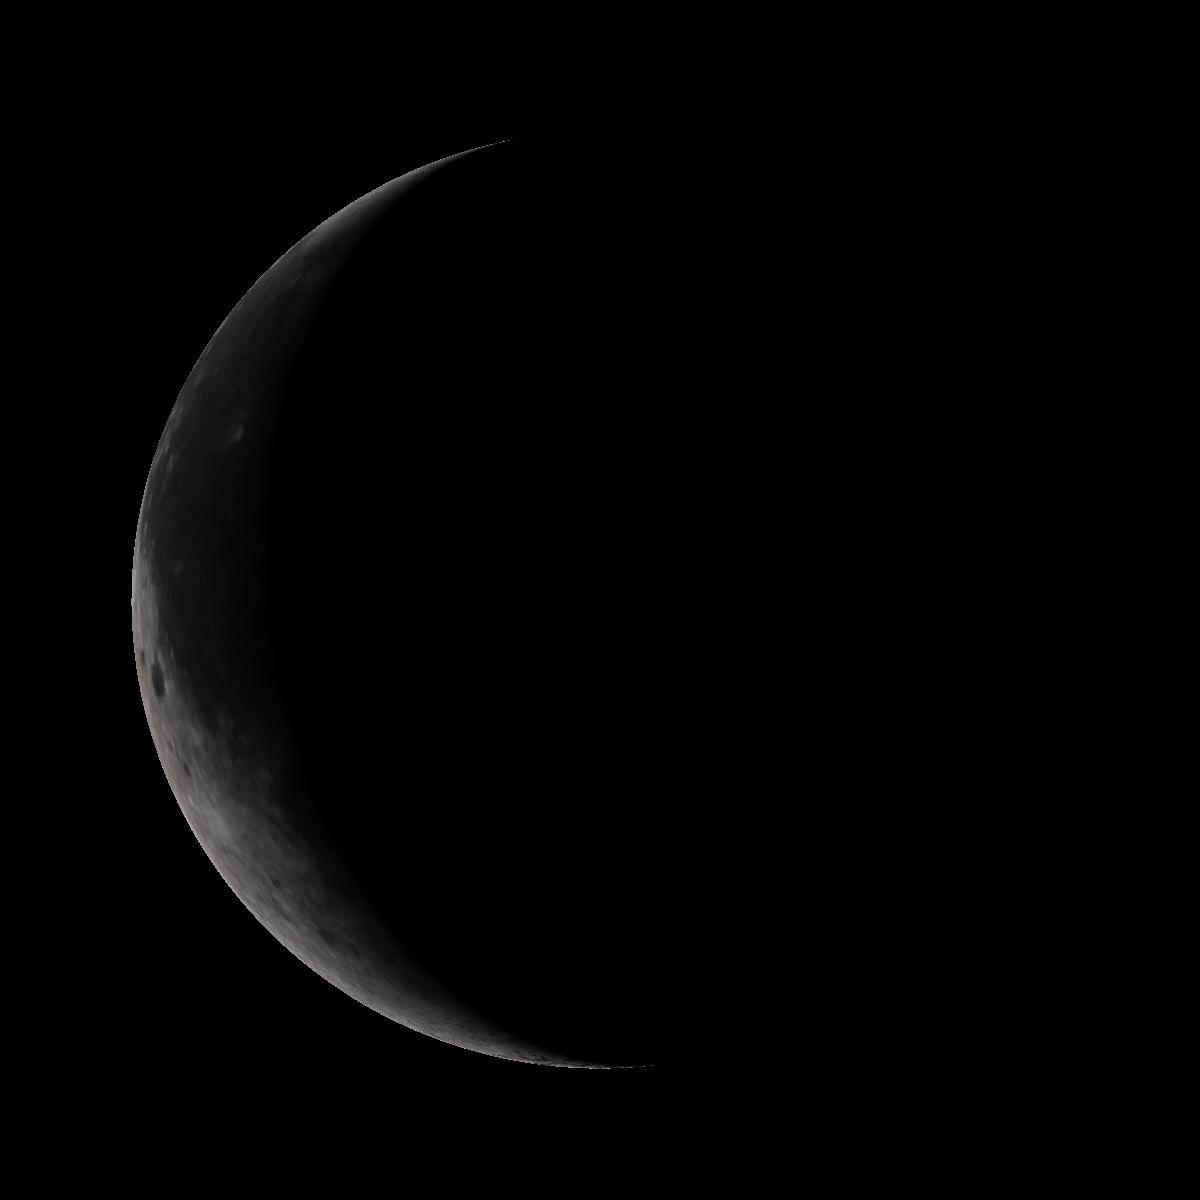 Lune du 21 janvier 2020